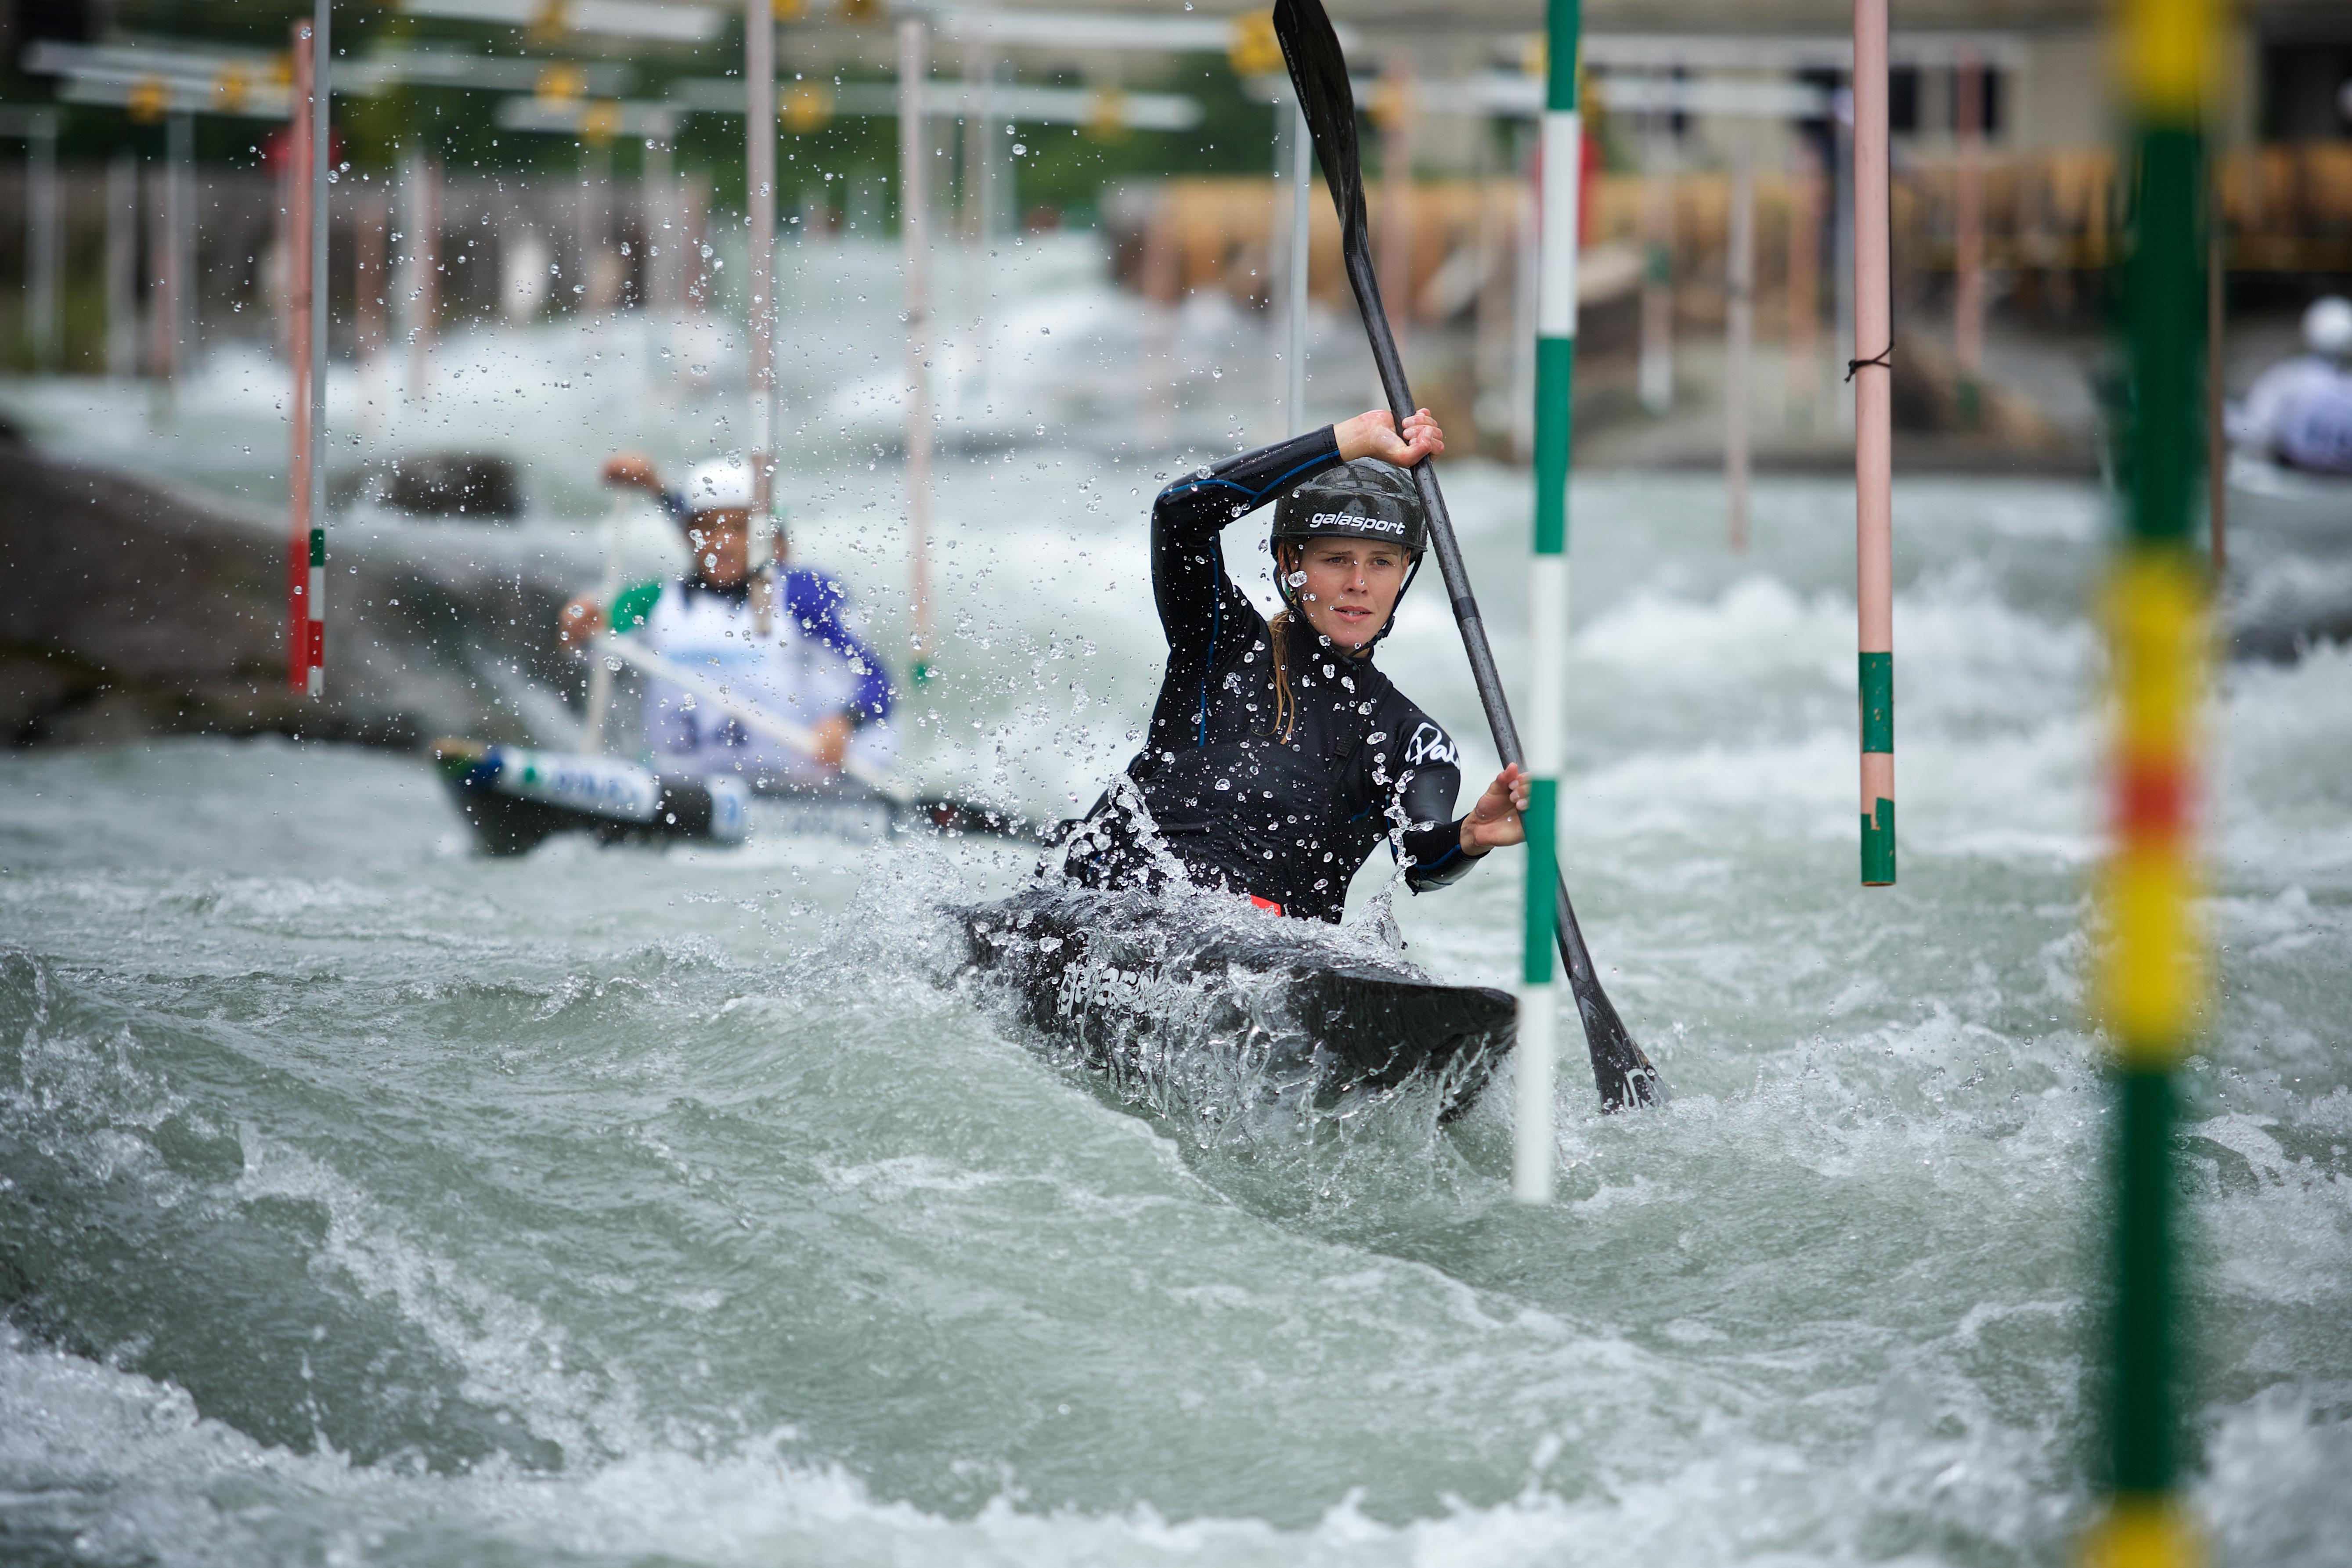 Na het verliezen van meerdere vrienden op de rivier, is Martina Wegman zich gaan focussen op de kanoslalom. En met succes, ze heeft zich geplaatst voor de Olympische Spelen in Tokio [video]